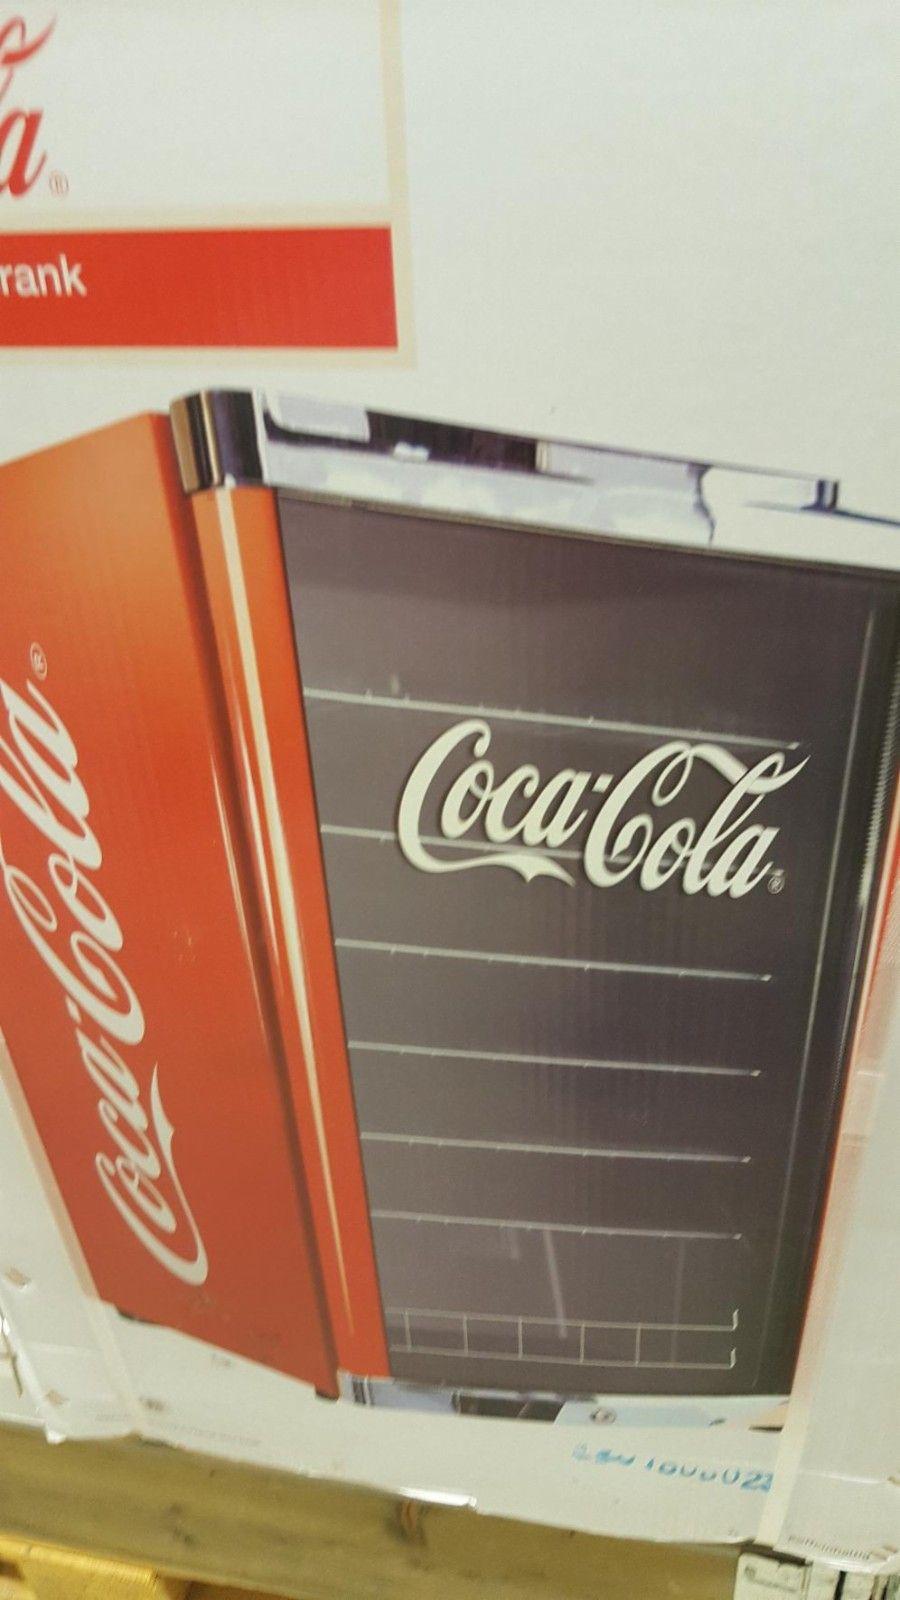 Coca-Cola kjøleskap - Tromsø  - Coca cola kjøleskap selges - Tromsø